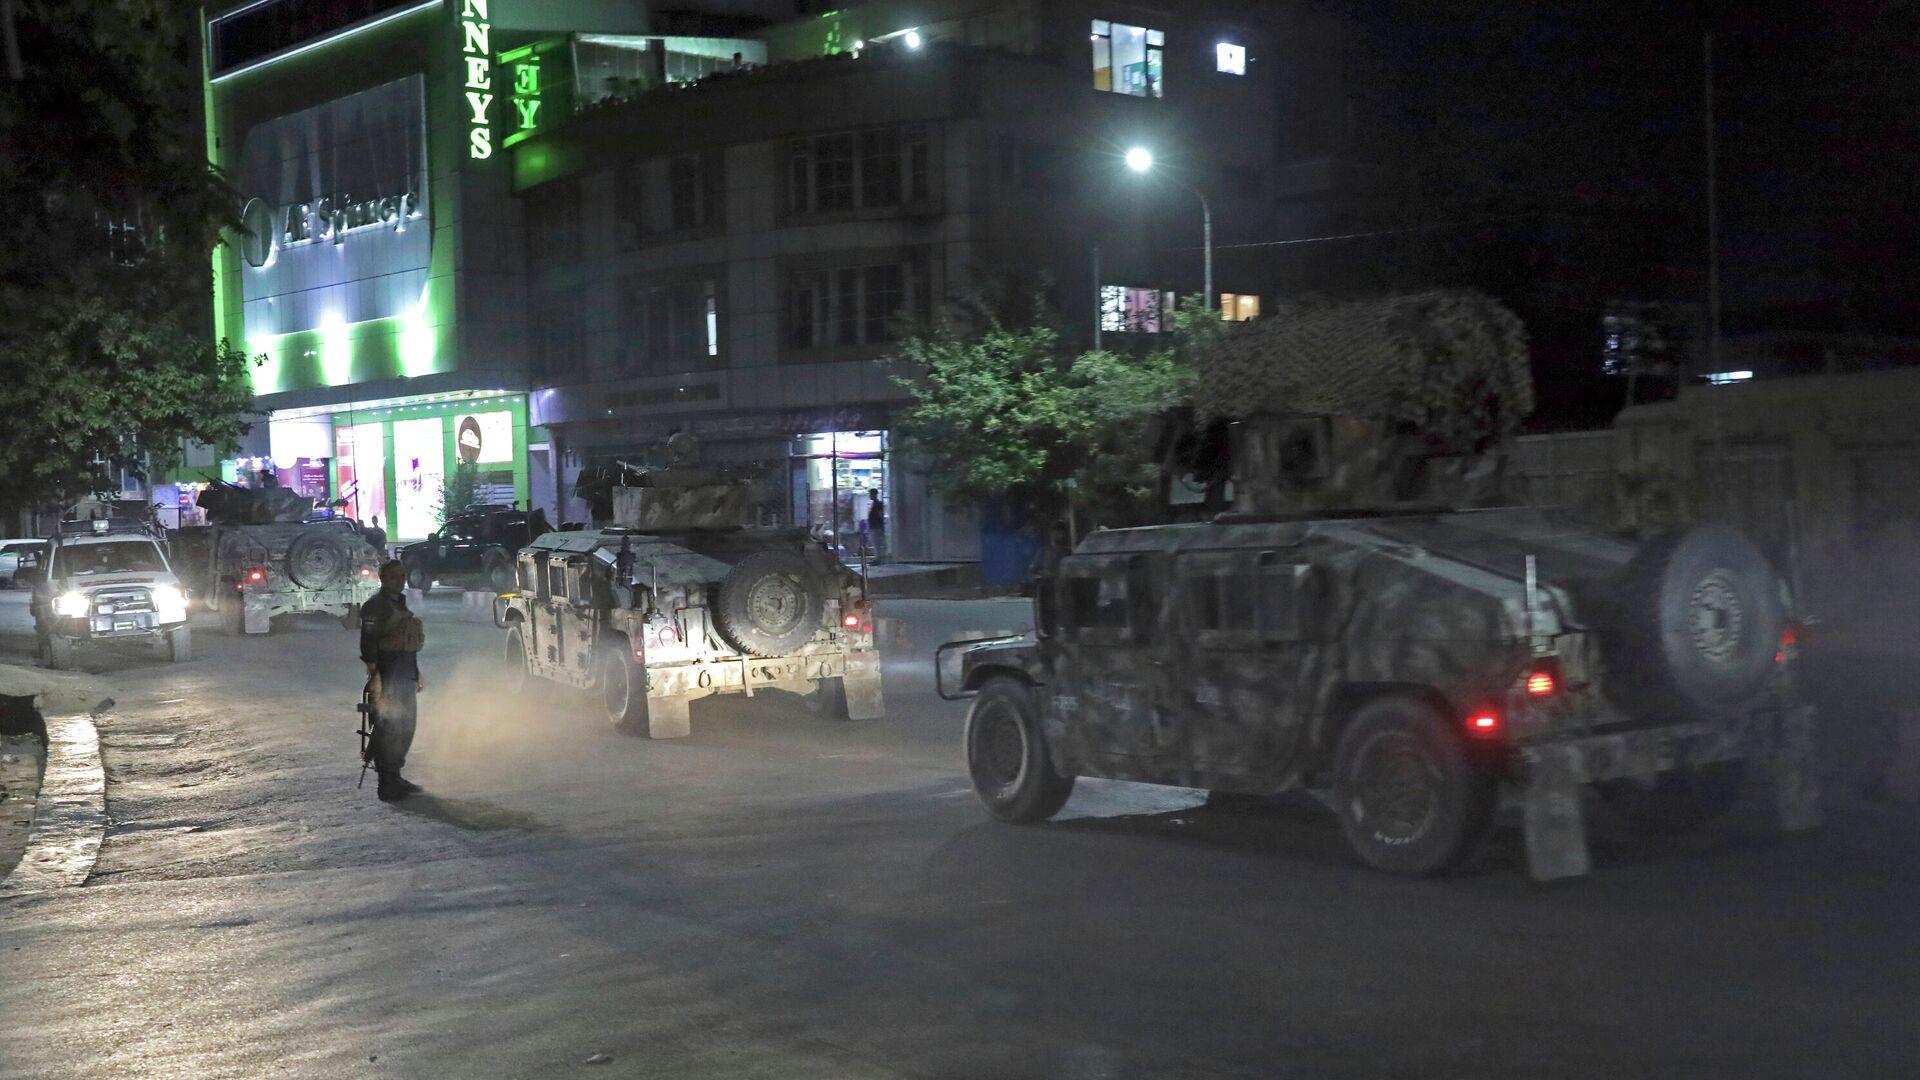 Сотрудники службы безопасности Афганистана прибывают на место мощного взрыва в Кабуле - РИА Новости, 1920, 03.08.2021